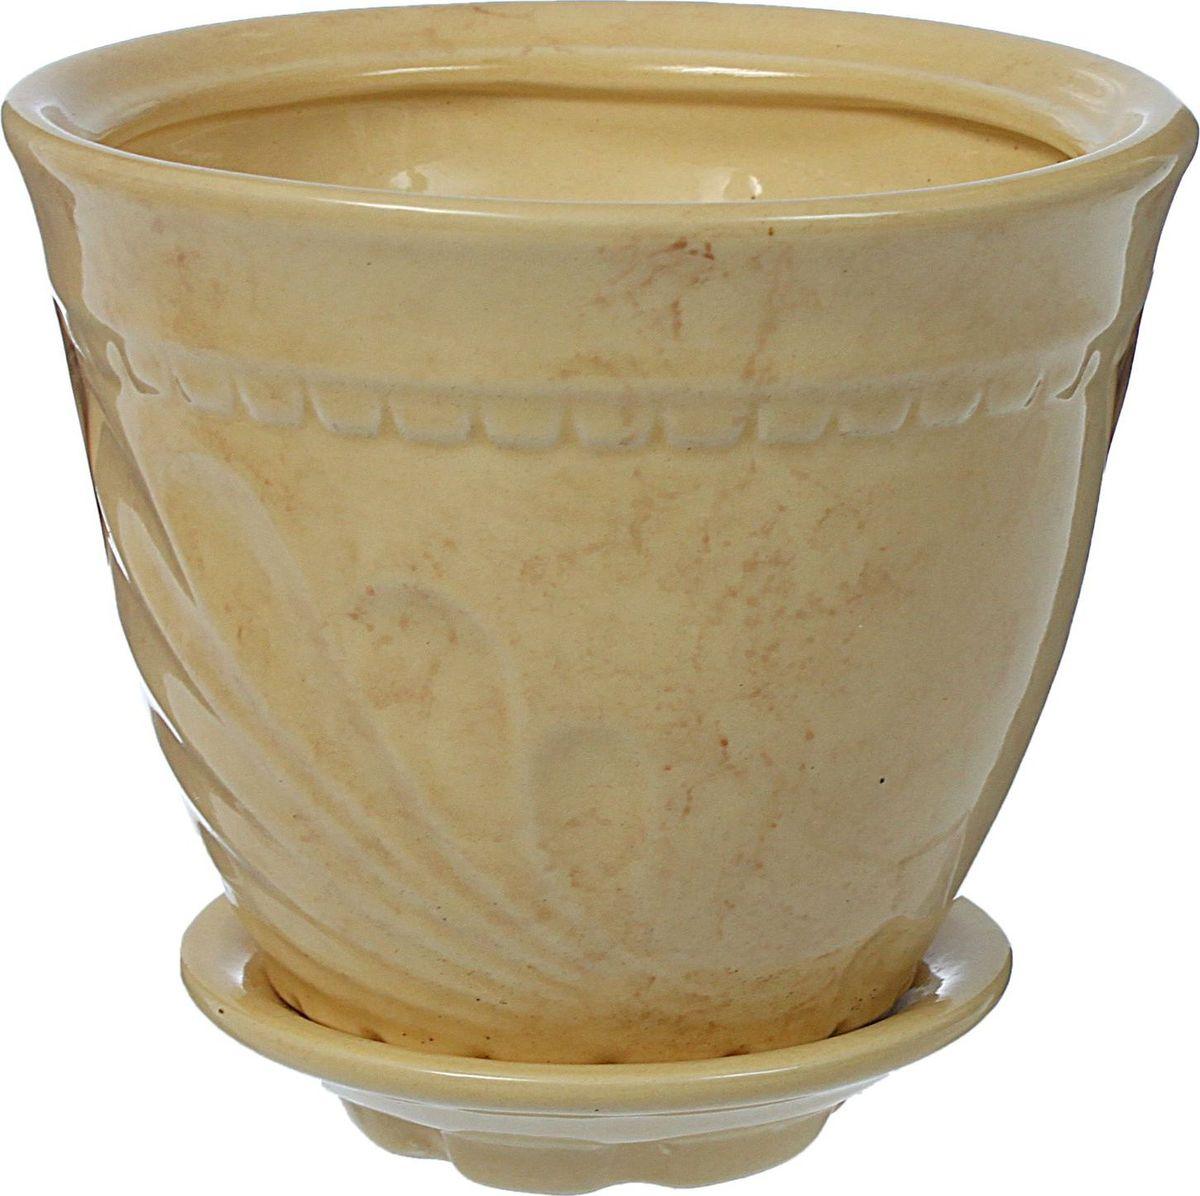 Кашпо Ландыш, цвет: бежевый, 1 л839649Комнатные растения — всеобщие любимцы. Они радуют глаз, насыщают помещение кислородом и украшают пространство. Каждому из них необходим свой удобный и красивый дом. Кашпо из керамики прекрасно подходят для высадки растений: за счёт пластичности глины и разных способов обработки существует великое множество форм и дизайновпористый материал позволяет испаряться лишней влагевоздух, необходимый для дыхания корней, проникает сквозь керамические стенки! #name# позаботится о зелёном питомце, освежит интерьер и подчеркнёт его стиль.